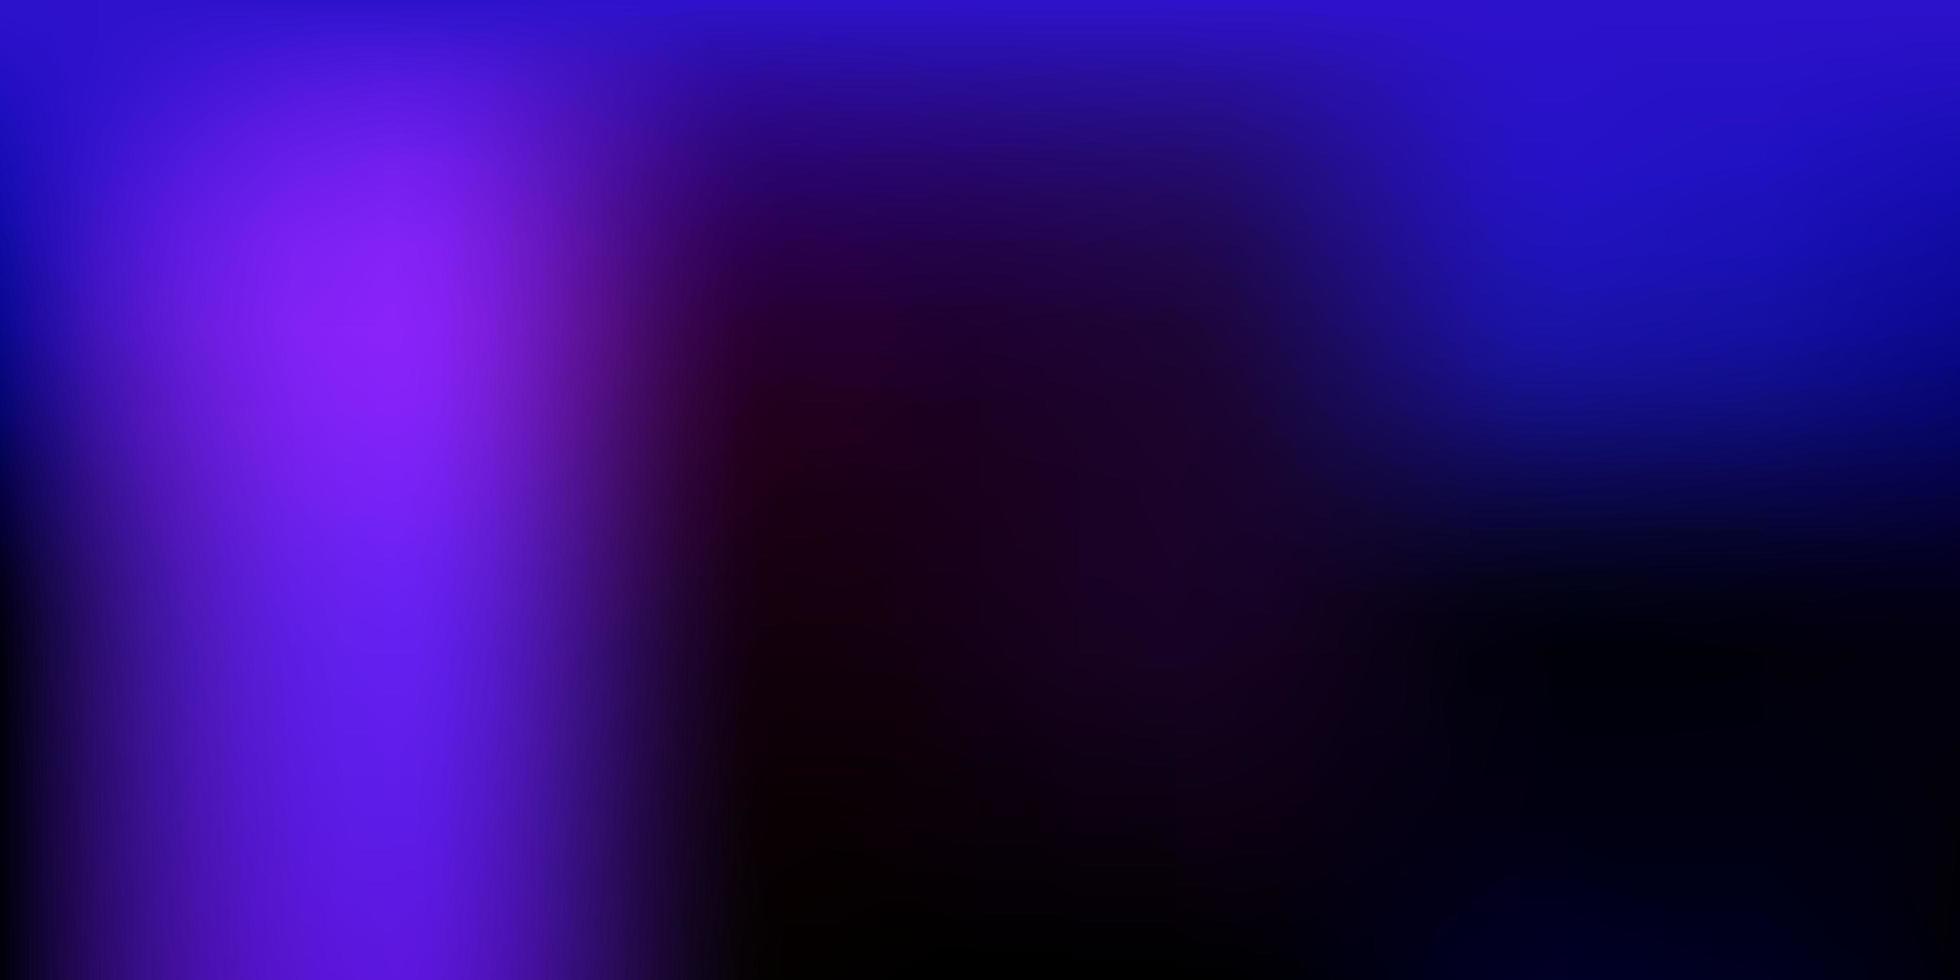 mörkrosa, blå vektor oskärpa bakgrund.